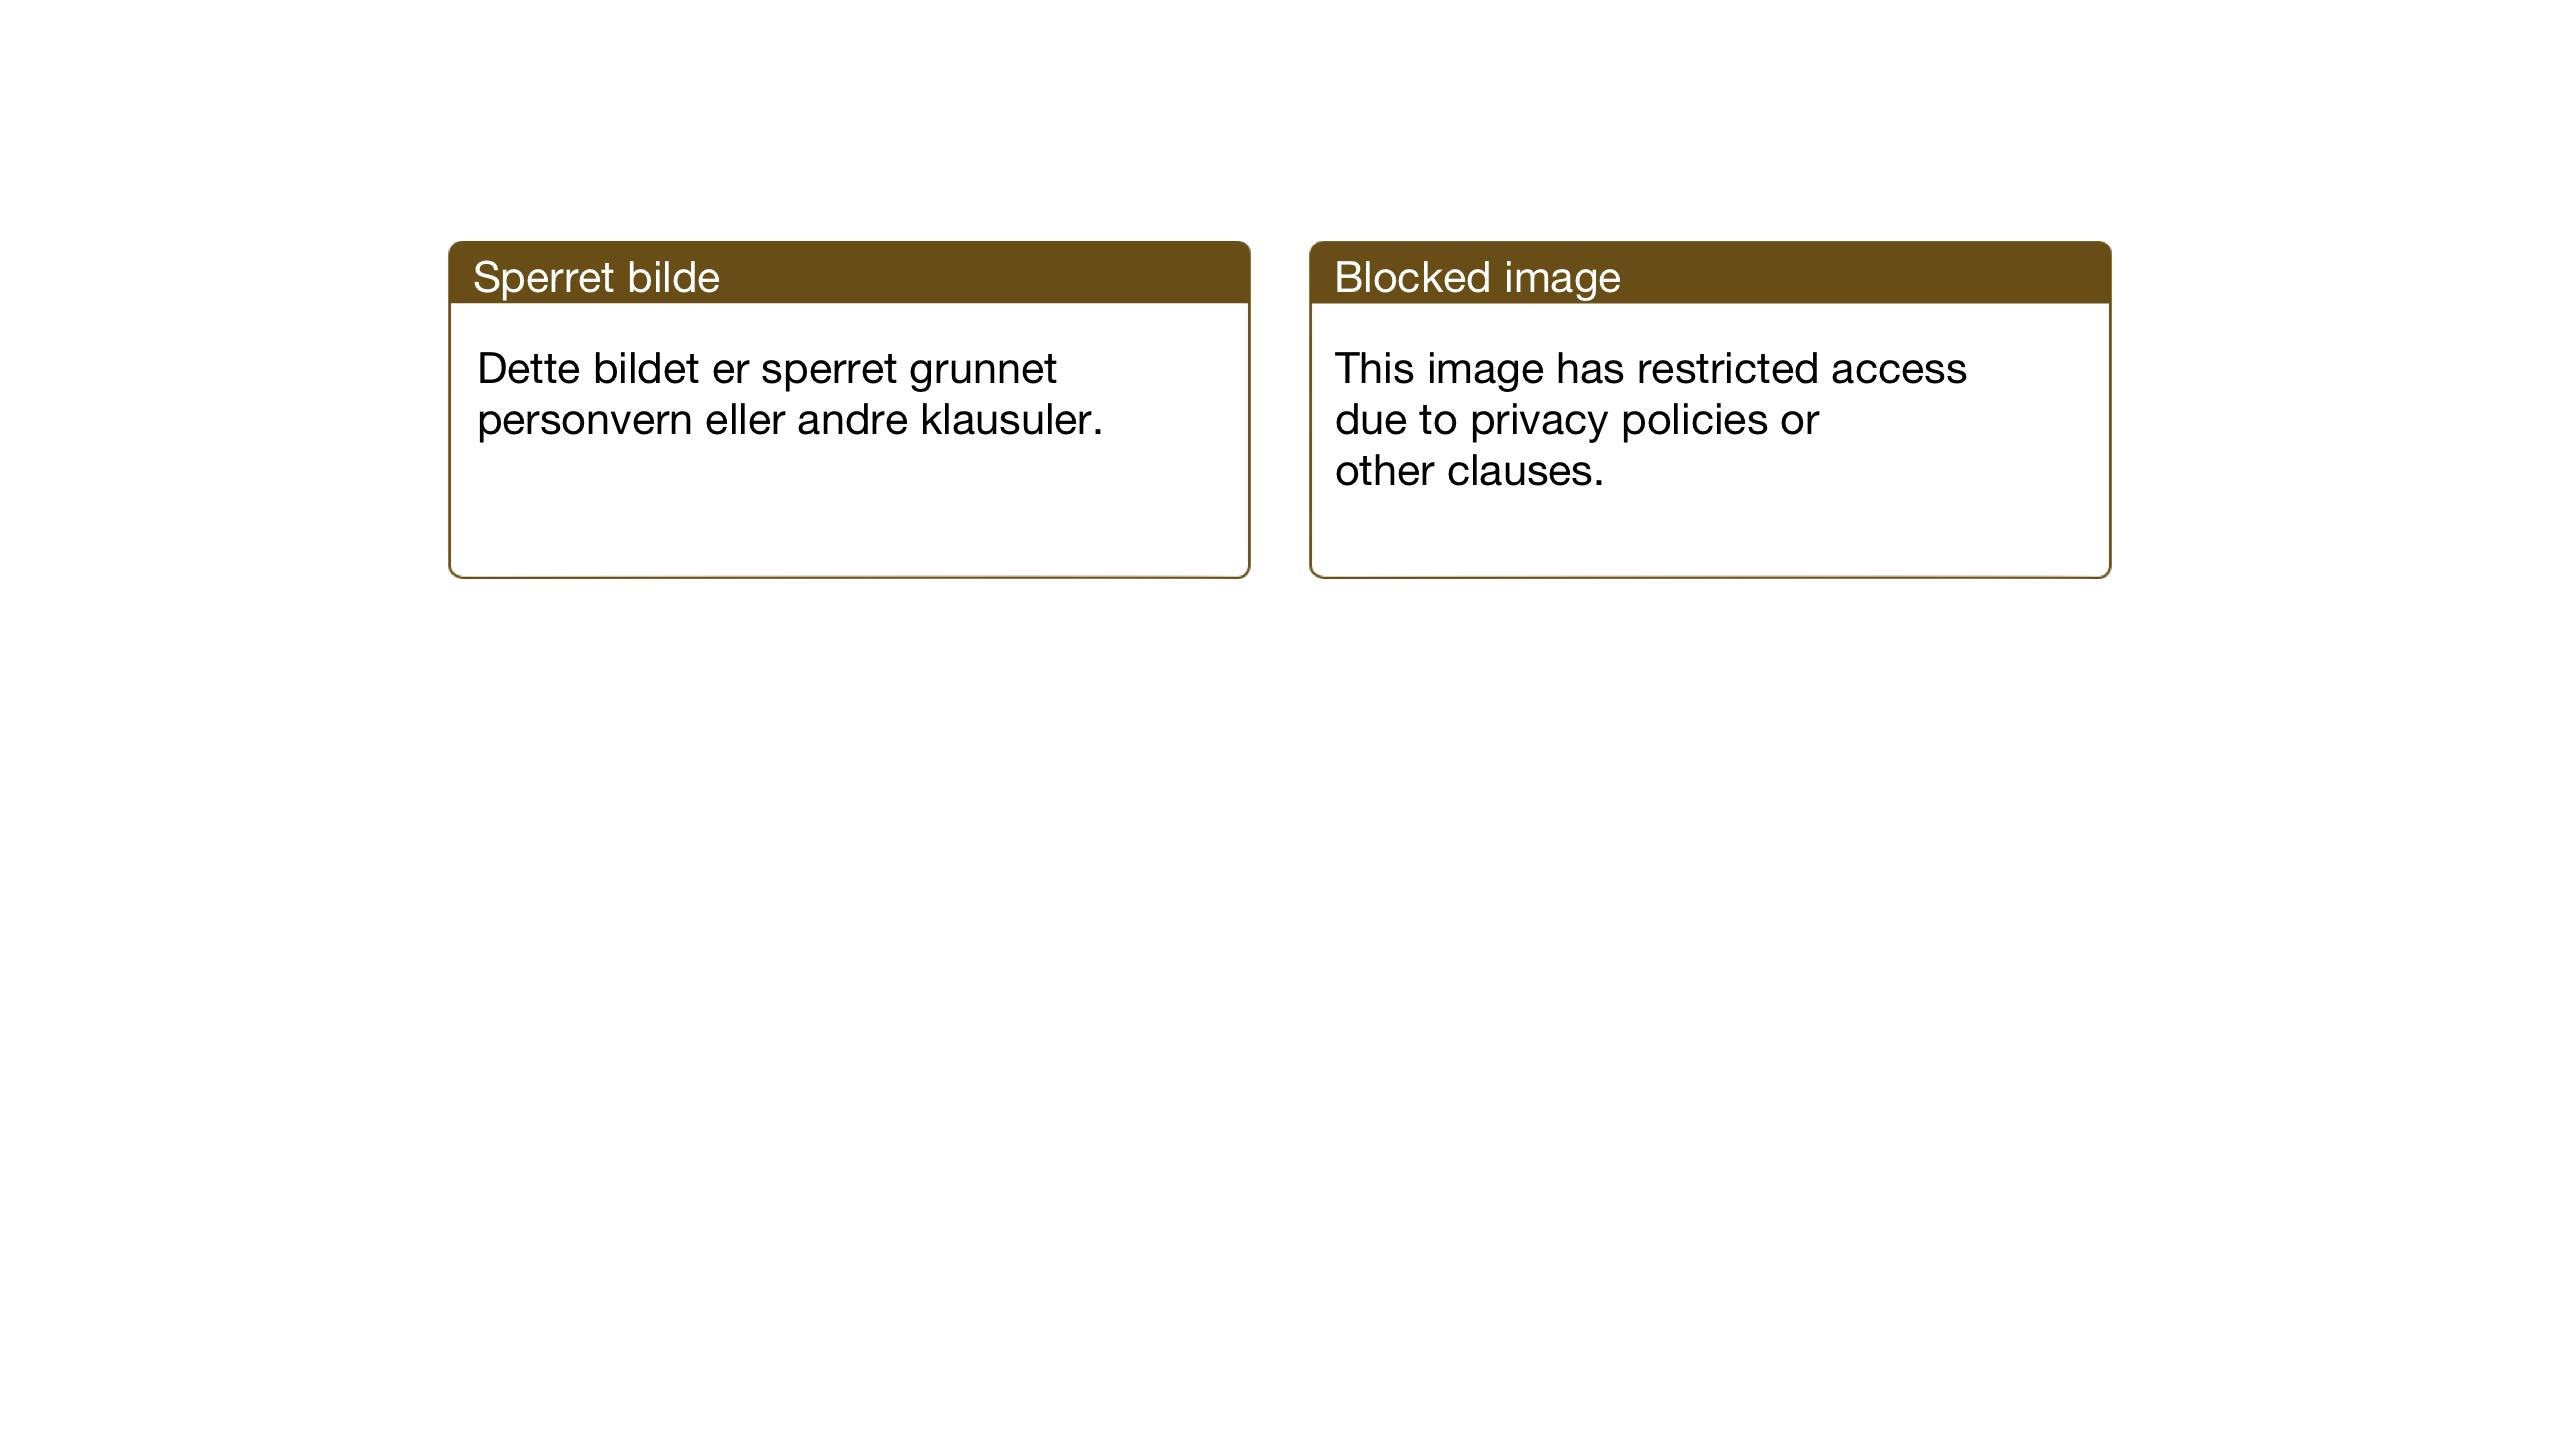 RA, Justisdepartementet, Sivilavdelingen (RA/S-6490), 1997-1998, s. 1